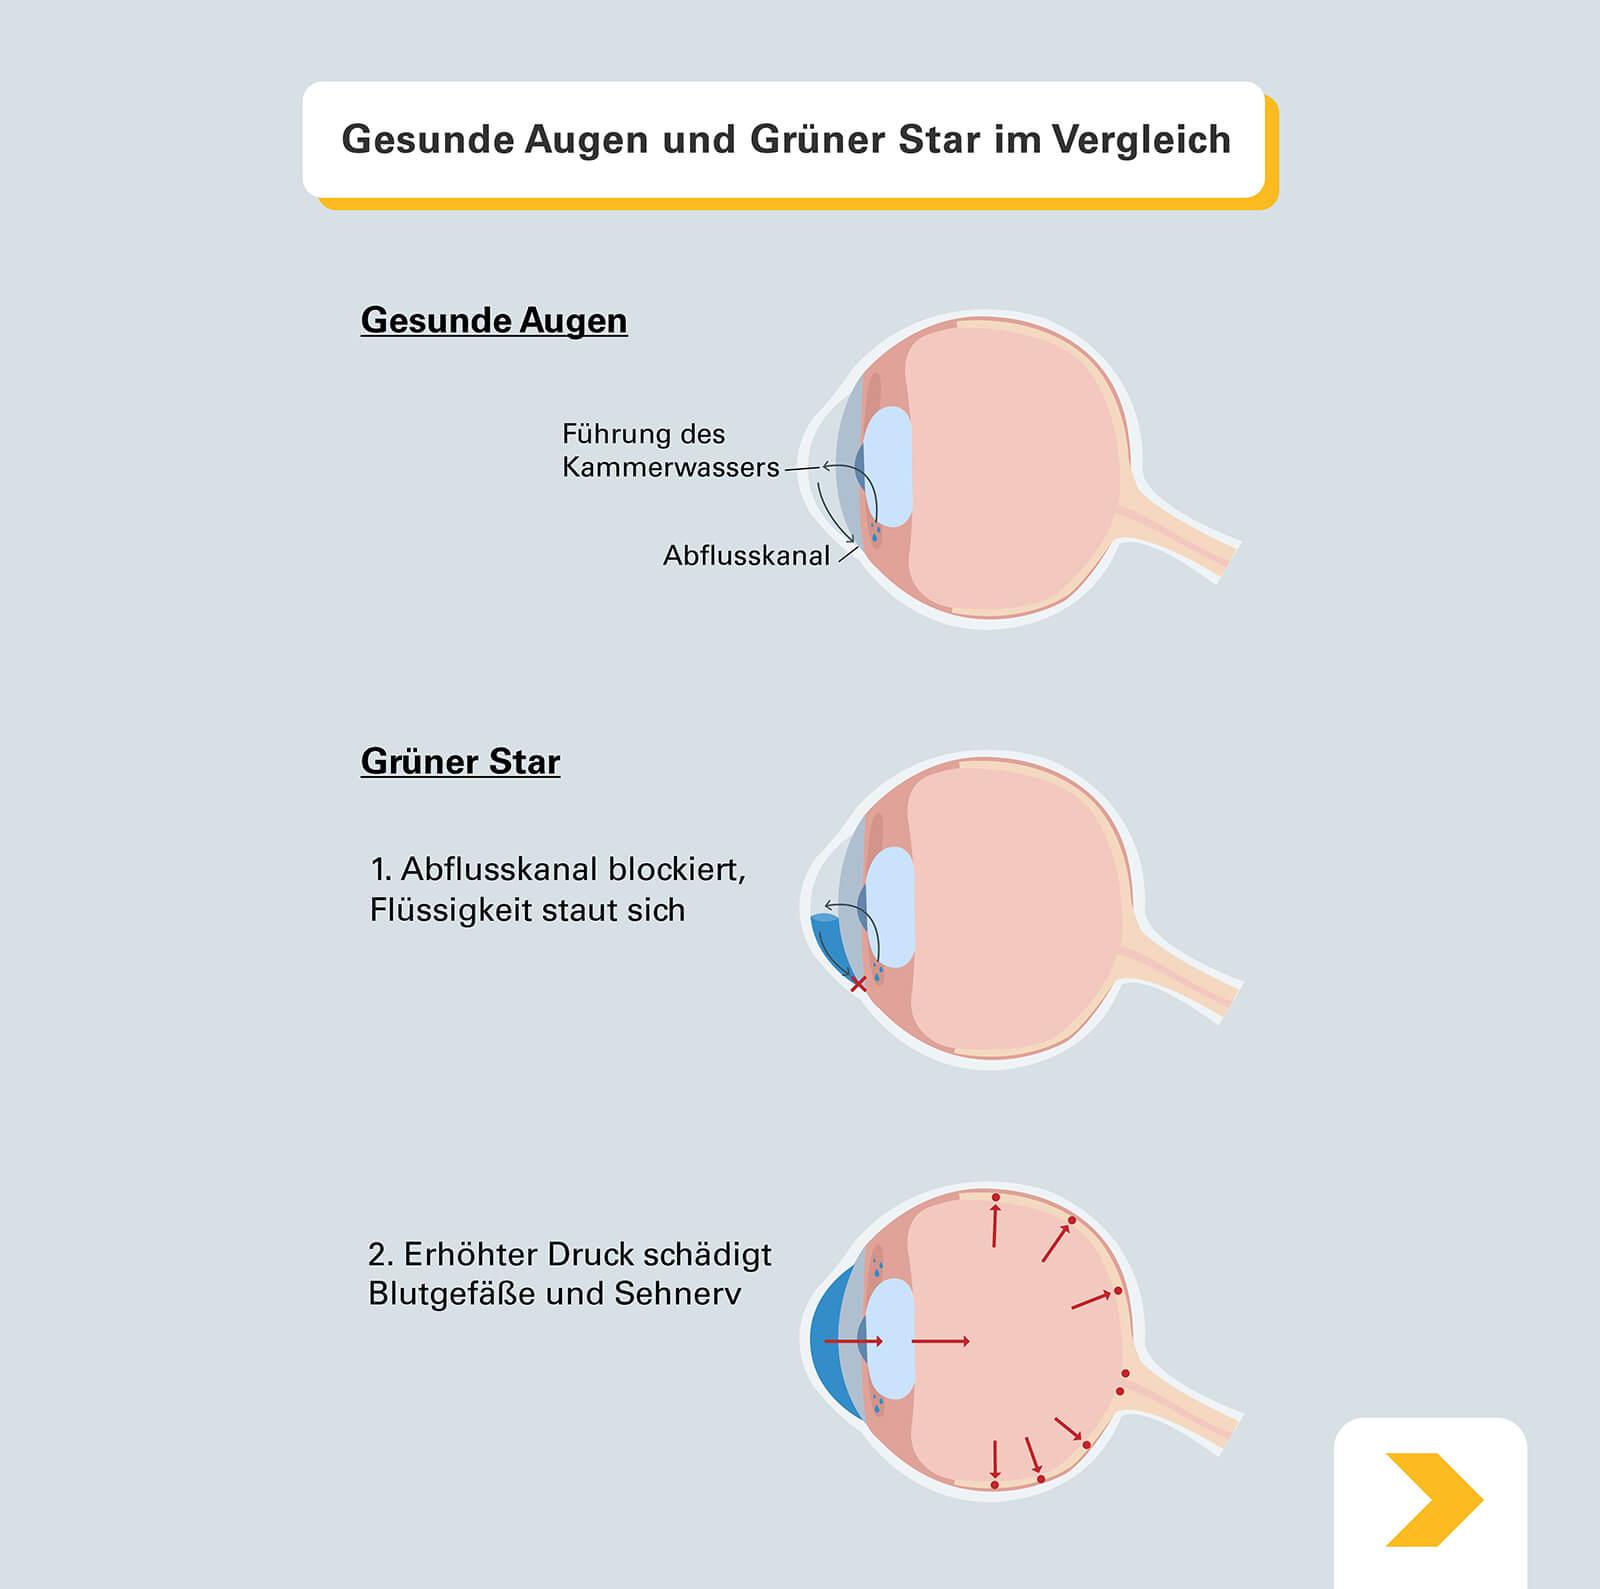 Vergleich gesundes Auge und Auge mit Grünem Star - Grafische Darstellung